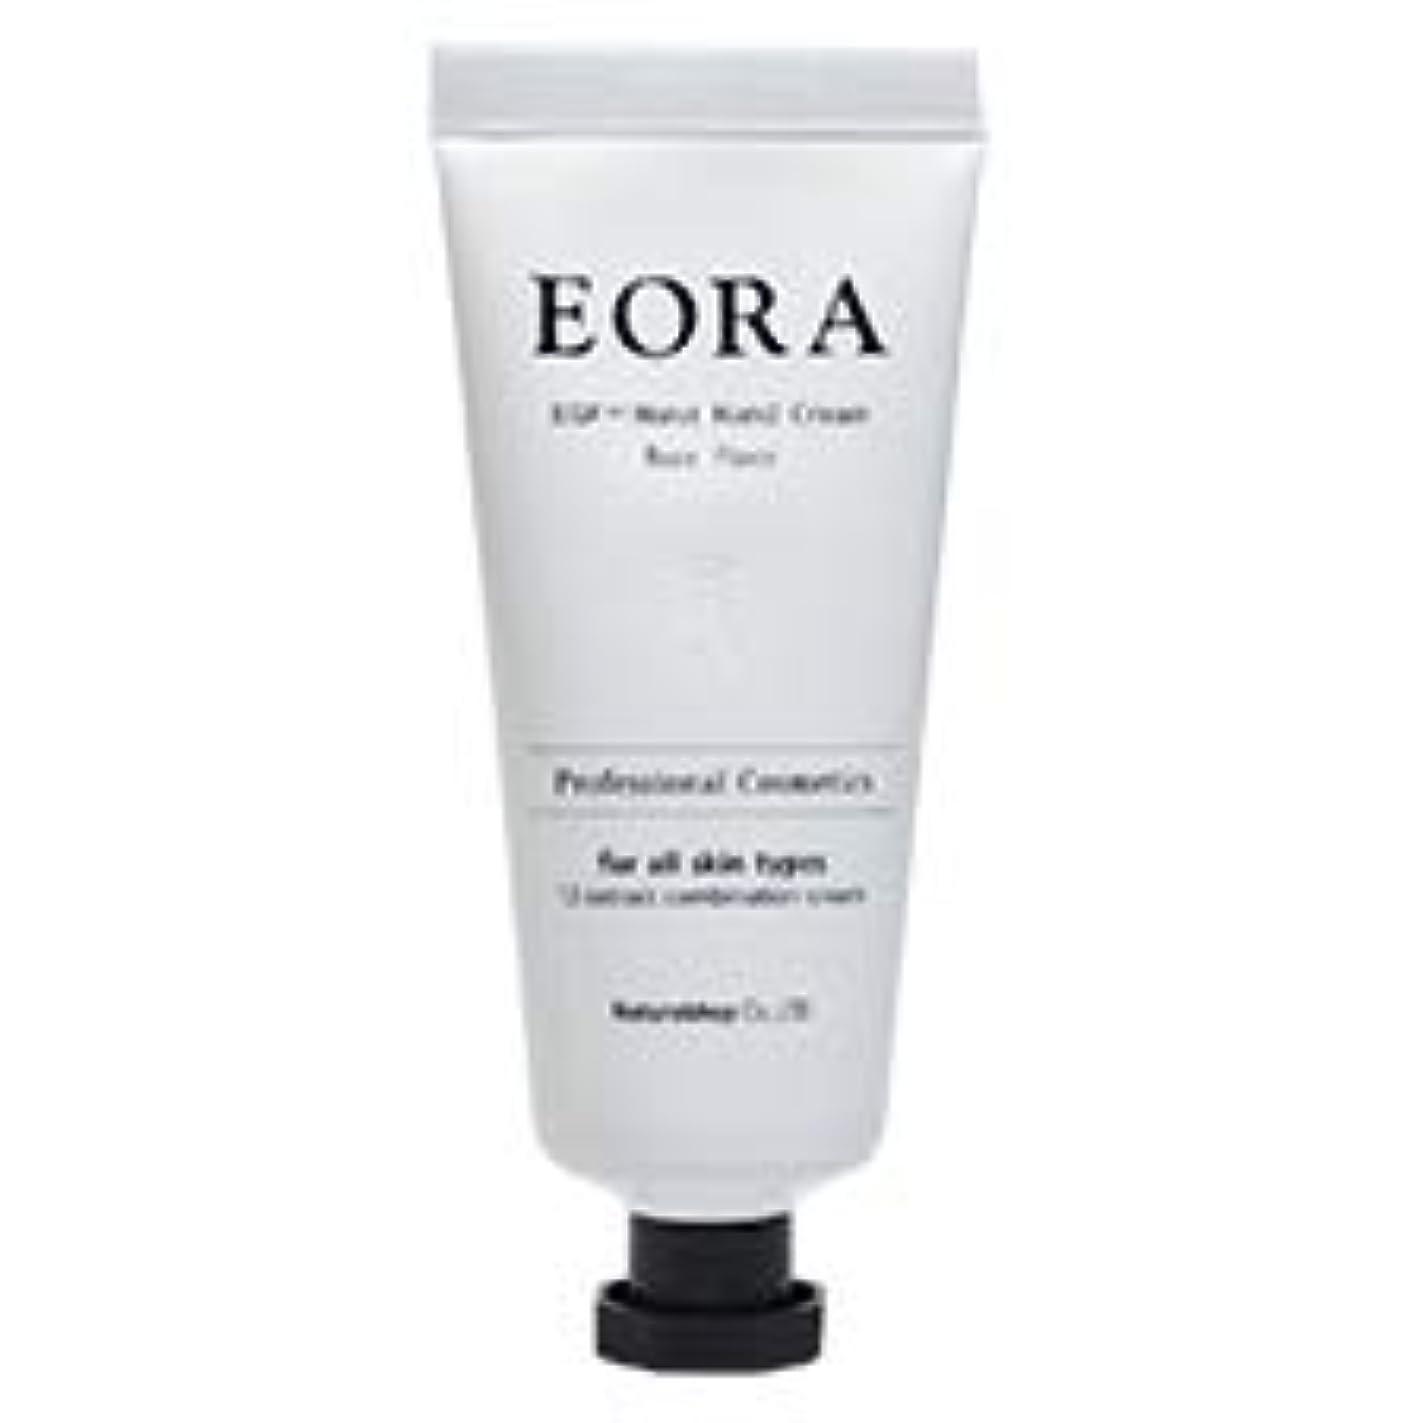 バスルーム勃起路地EORA ハンドクリーム R(tat68656)